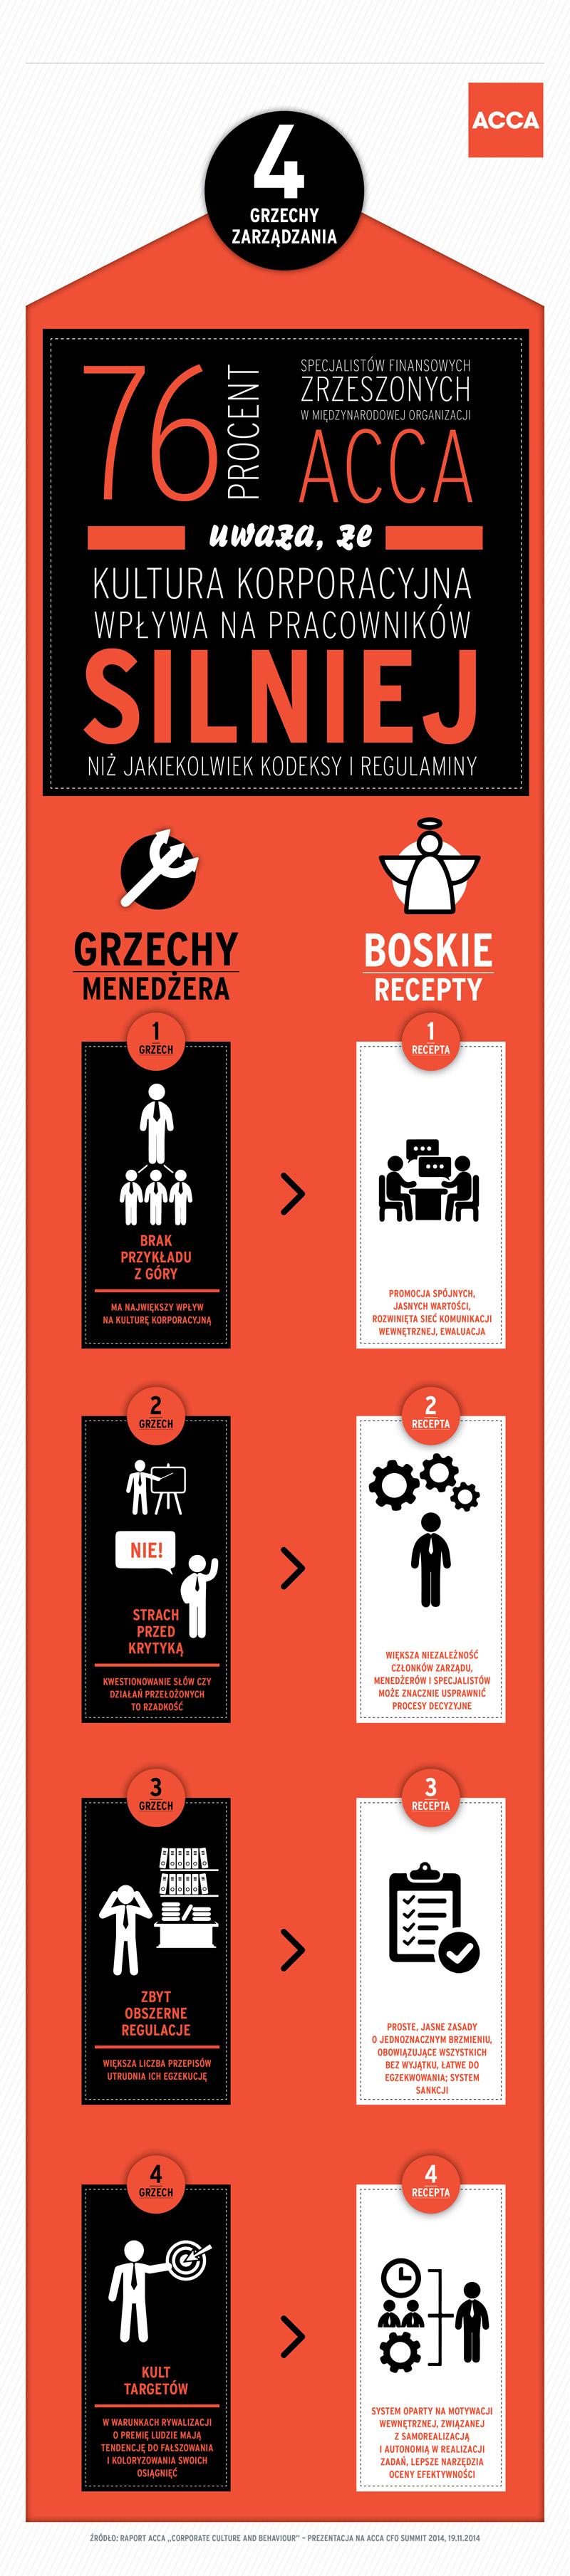 Infografika_4 grzechy zarządzania